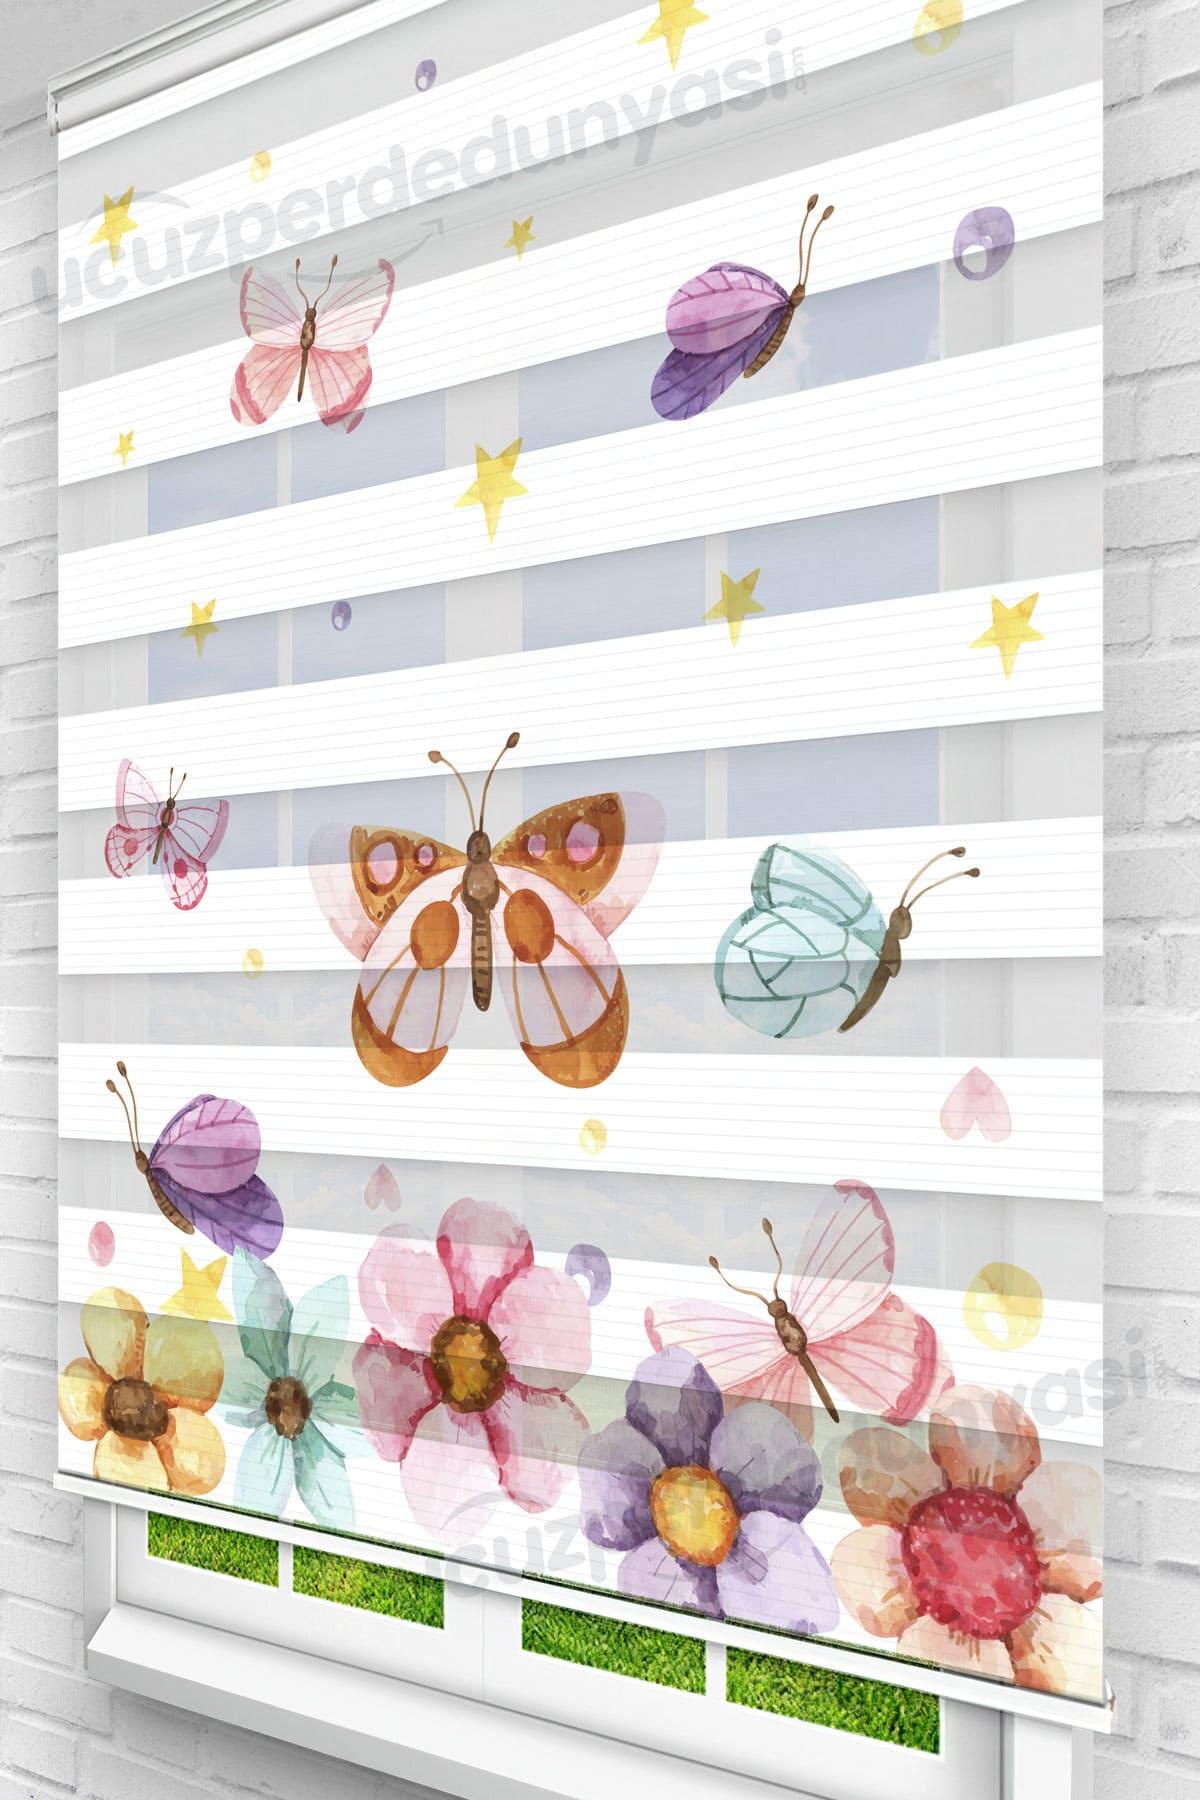 Renkli Papatyalar ve Kelebekler Çocuk Odası Zebra Perde